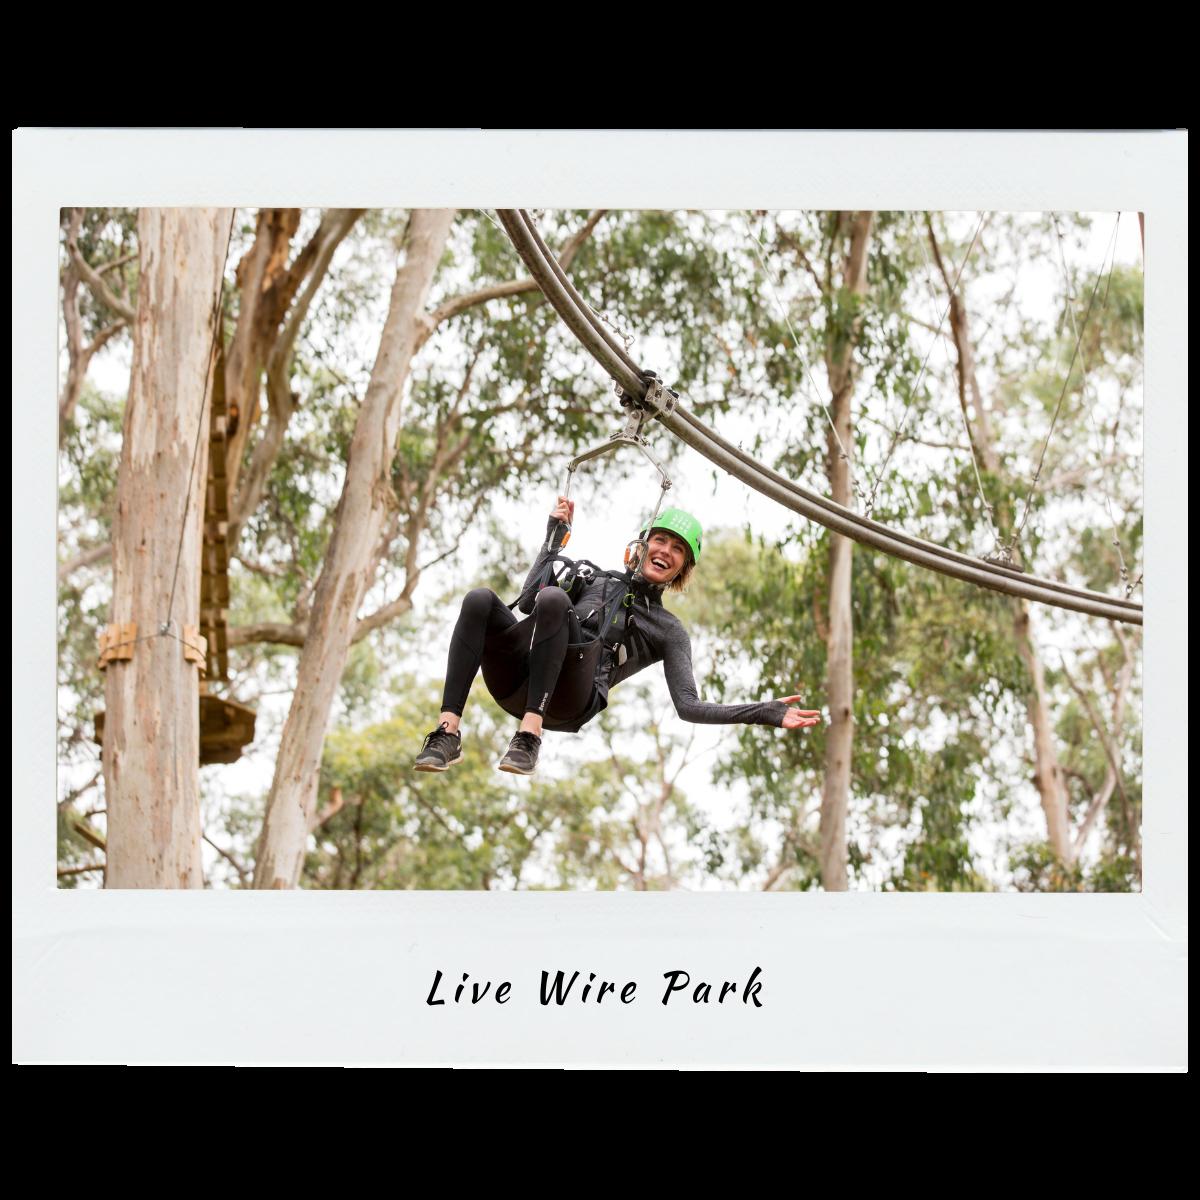 Live Wire Park Victoria